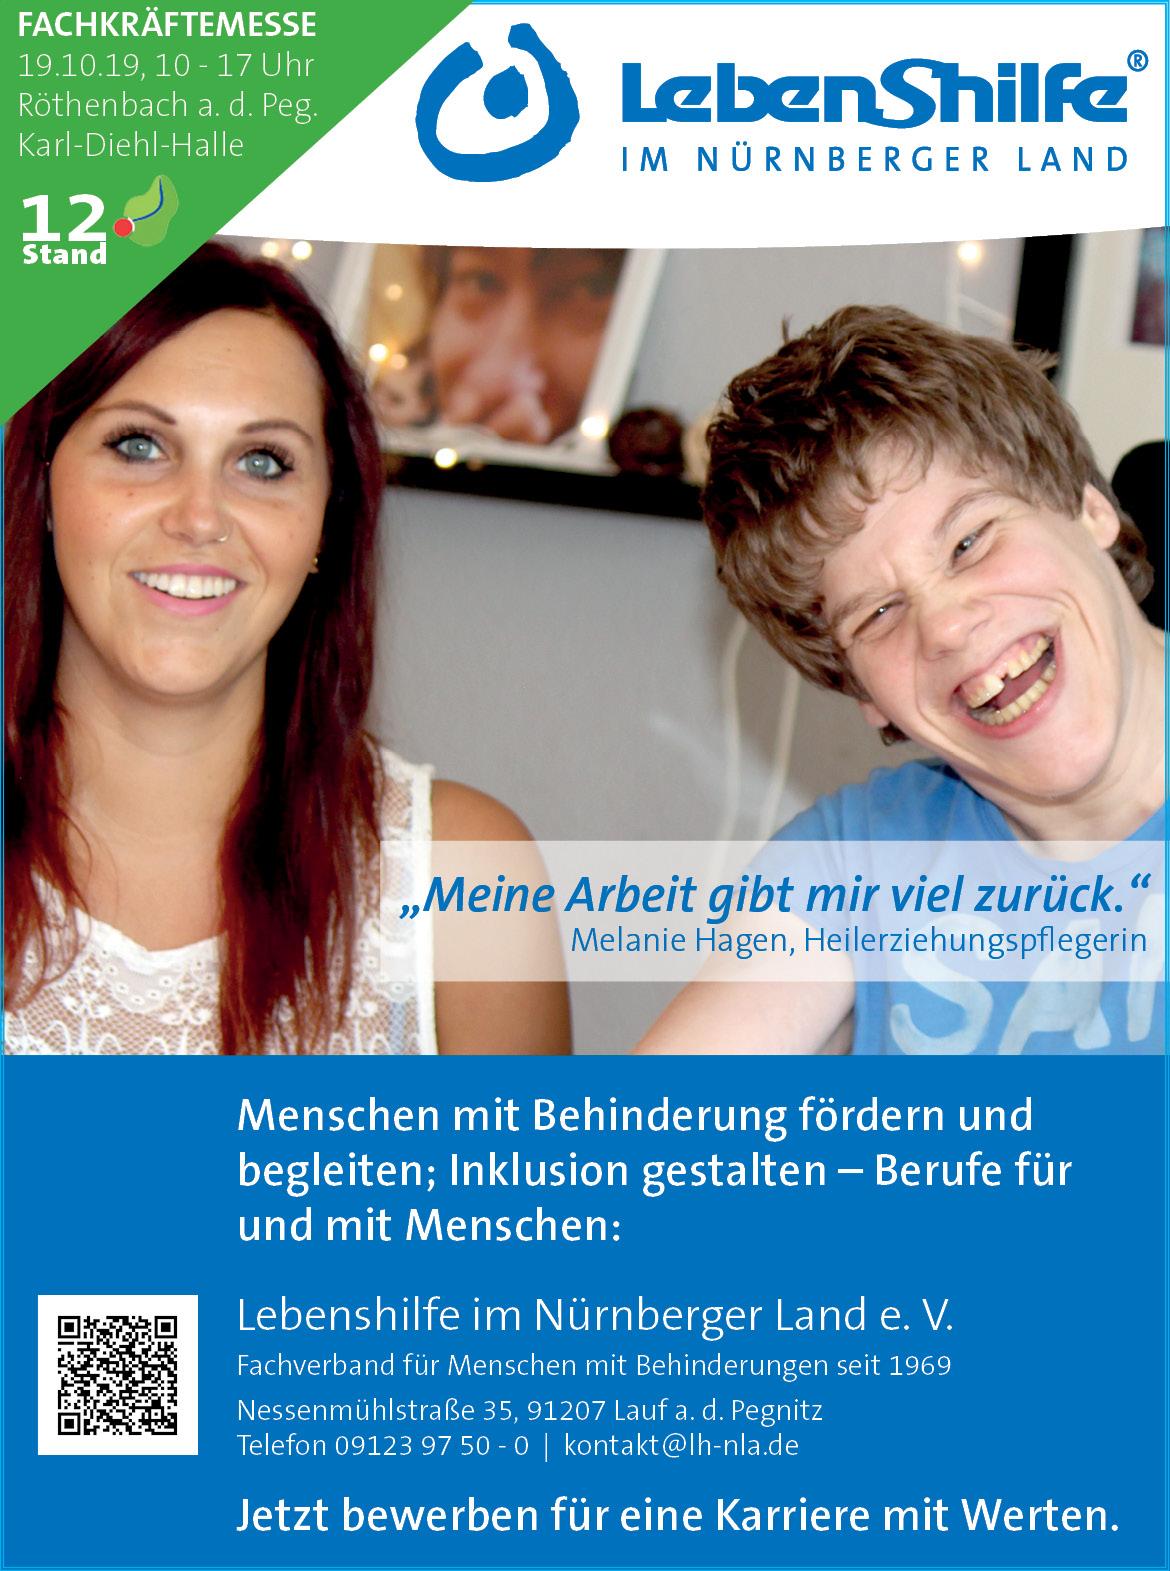 Wir sind am 19.10.19, 10-17 Uhr auf der Fachkräftemesse in Röthenbach a. d. Peg., Karl-Diehl-Halle